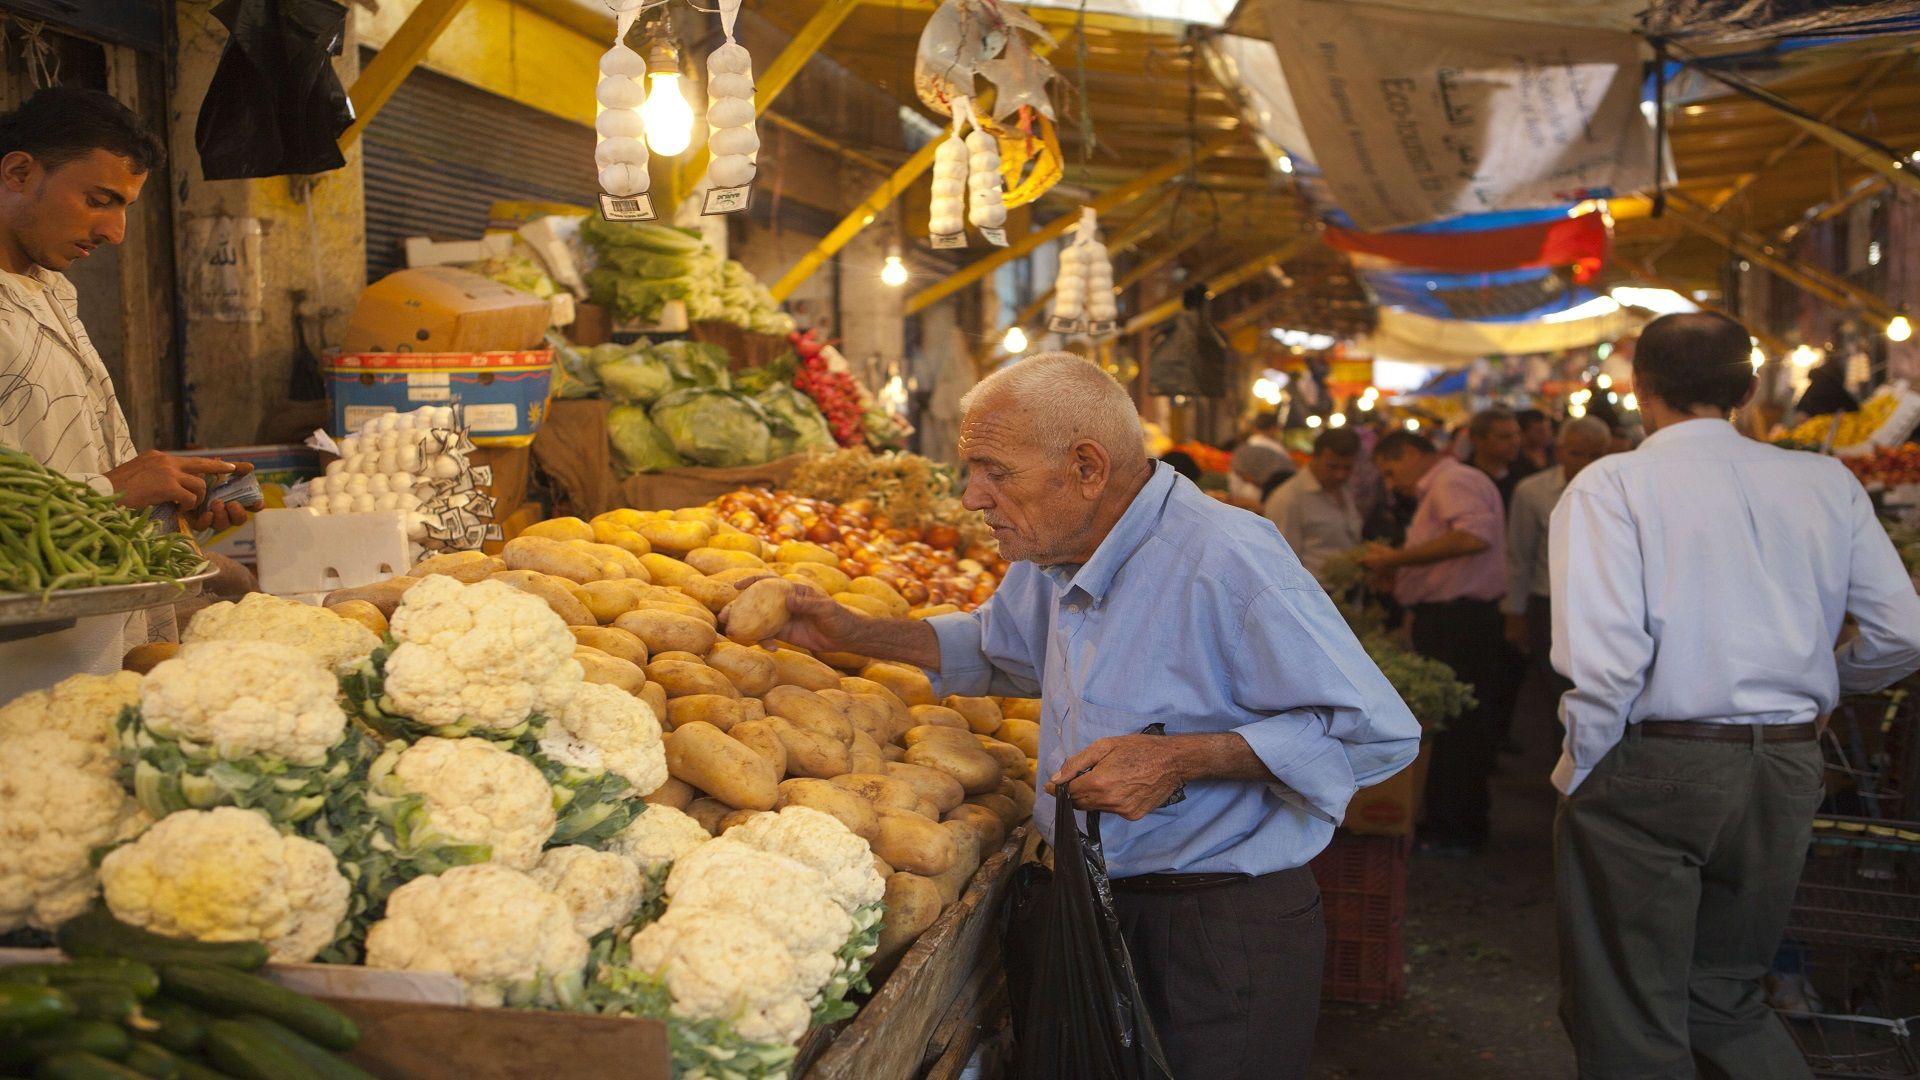 ارتفاع معدل التضخم في الأردن إلى 4.3% خلال النصف الأول من العام